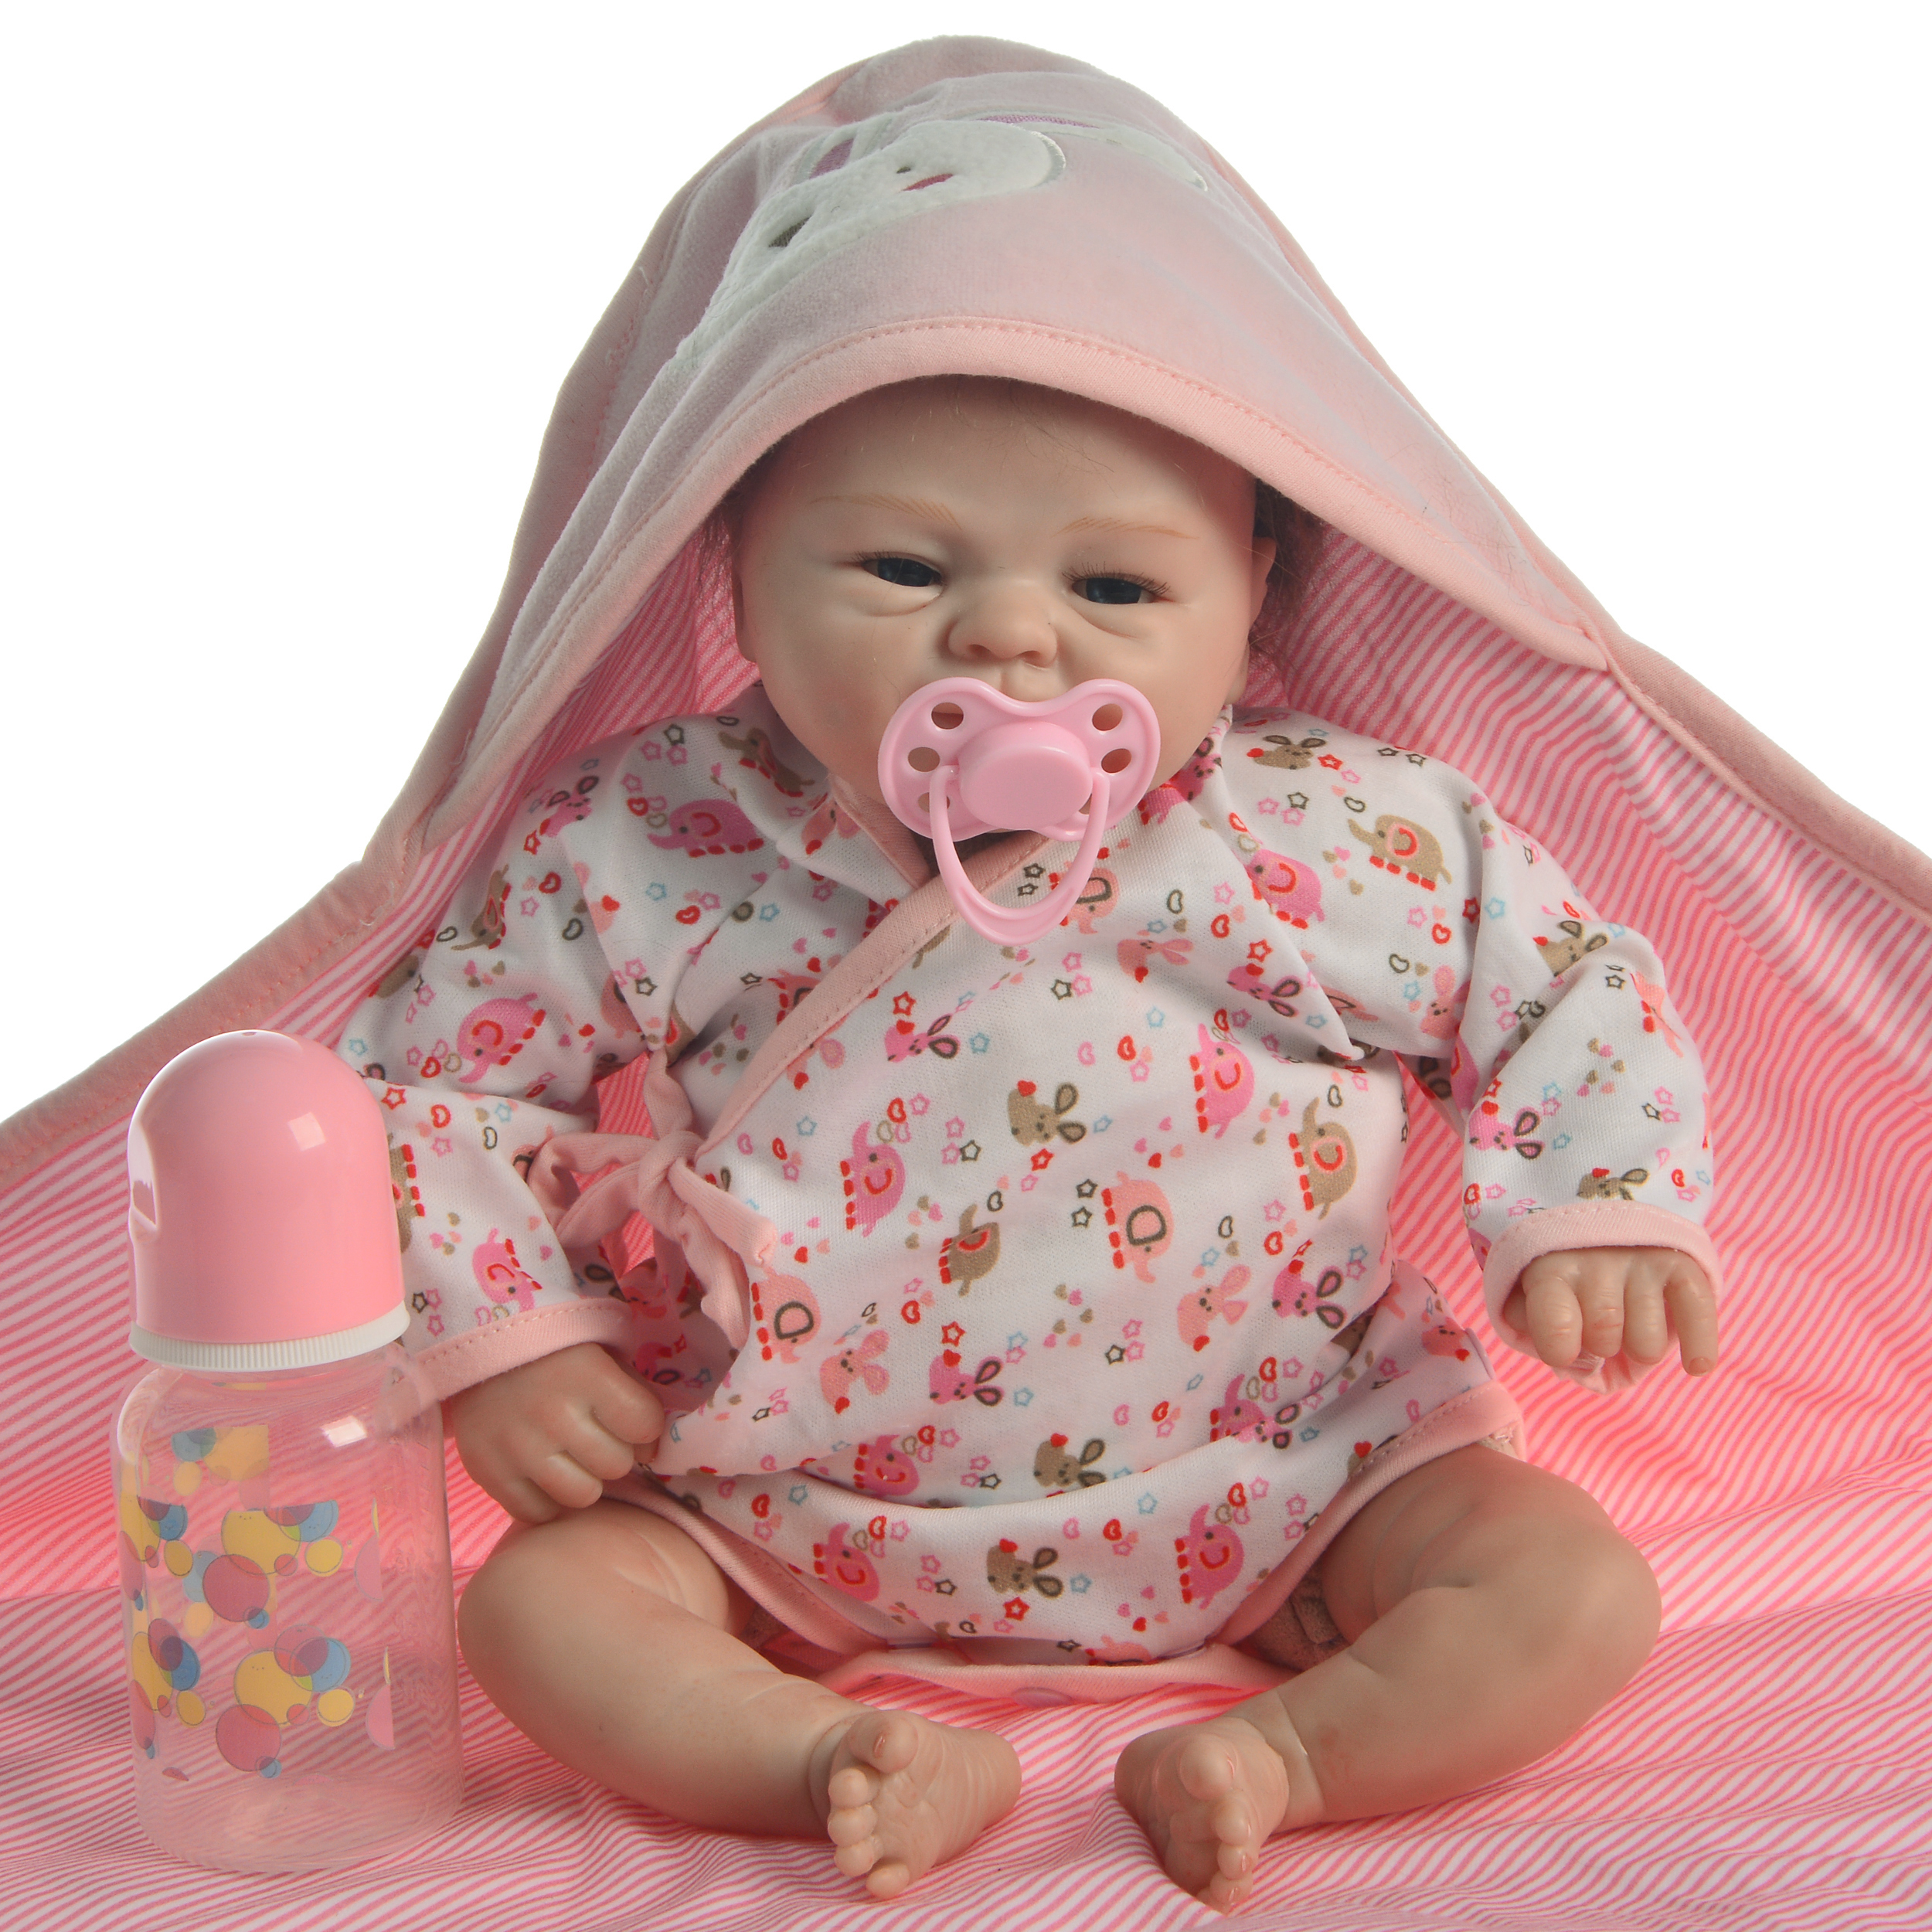 ที่ไม่ซ้ำกัน 17 ''นิ้ว 43 ซม.เหมือนจริงเด็ก Reborn ตุ๊กตาทารกตุ๊กตาซิลิโคน Reborn ทารกเล็กๆของเล่นเด็กวันเกิดของขวัญ-ใน ตุ๊กตา จาก ของเล่นและงานอดิเรก บน   2